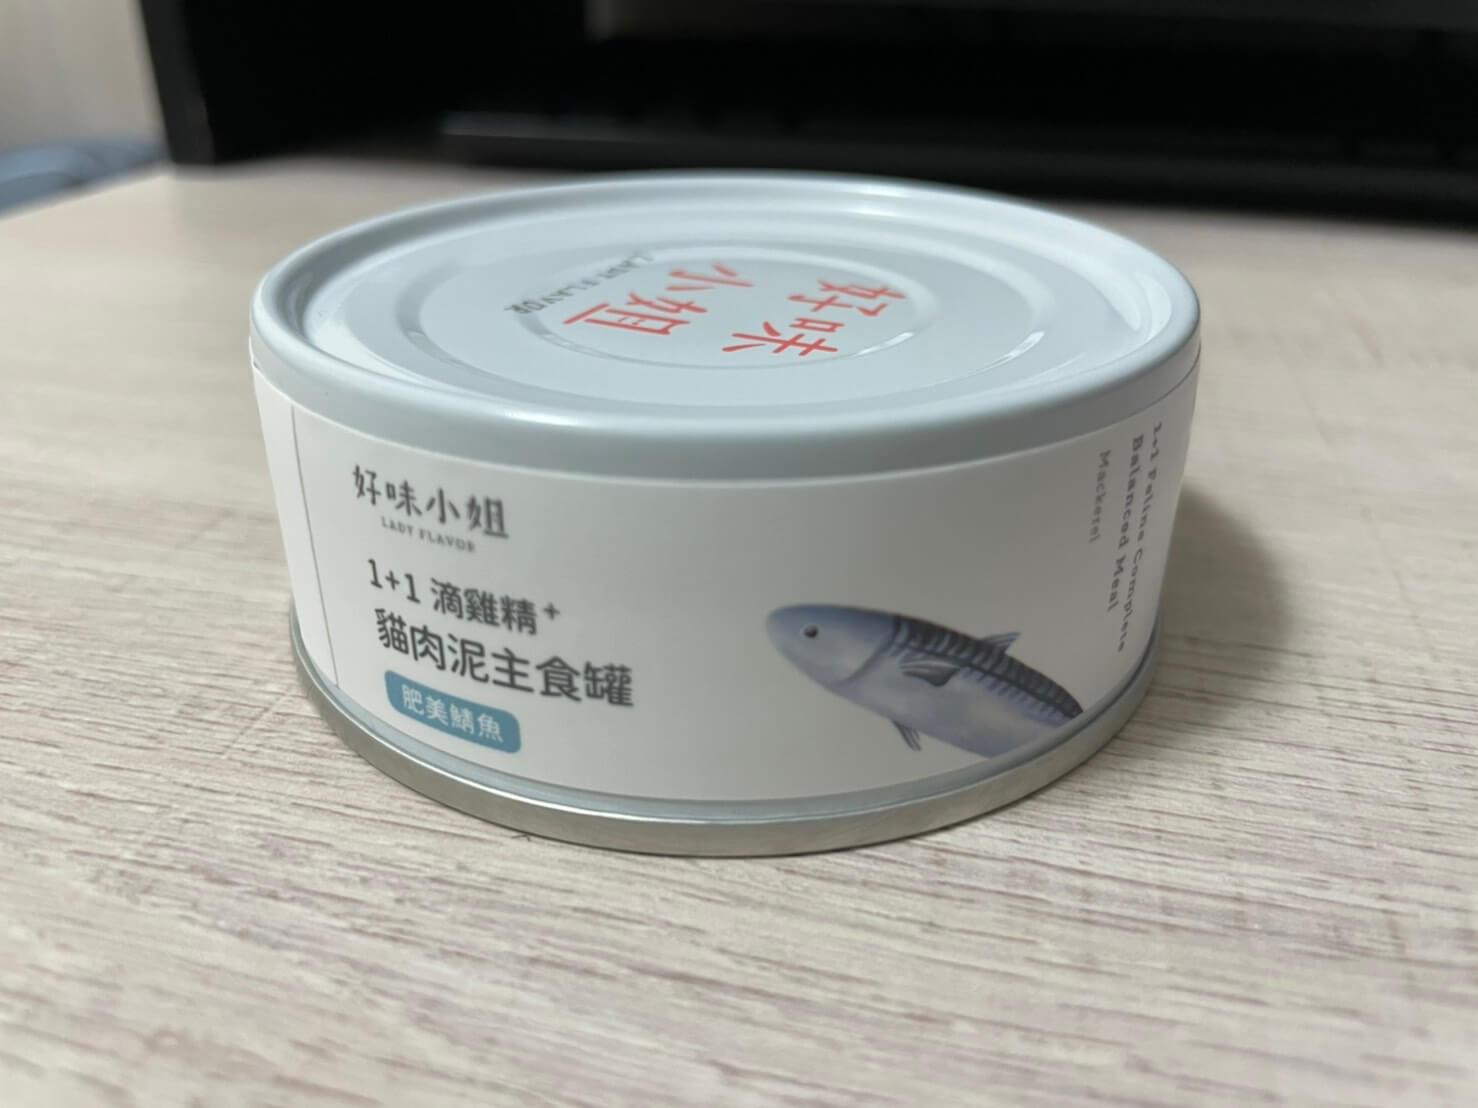 好味小姐主食罐評價 肥美鯖魚